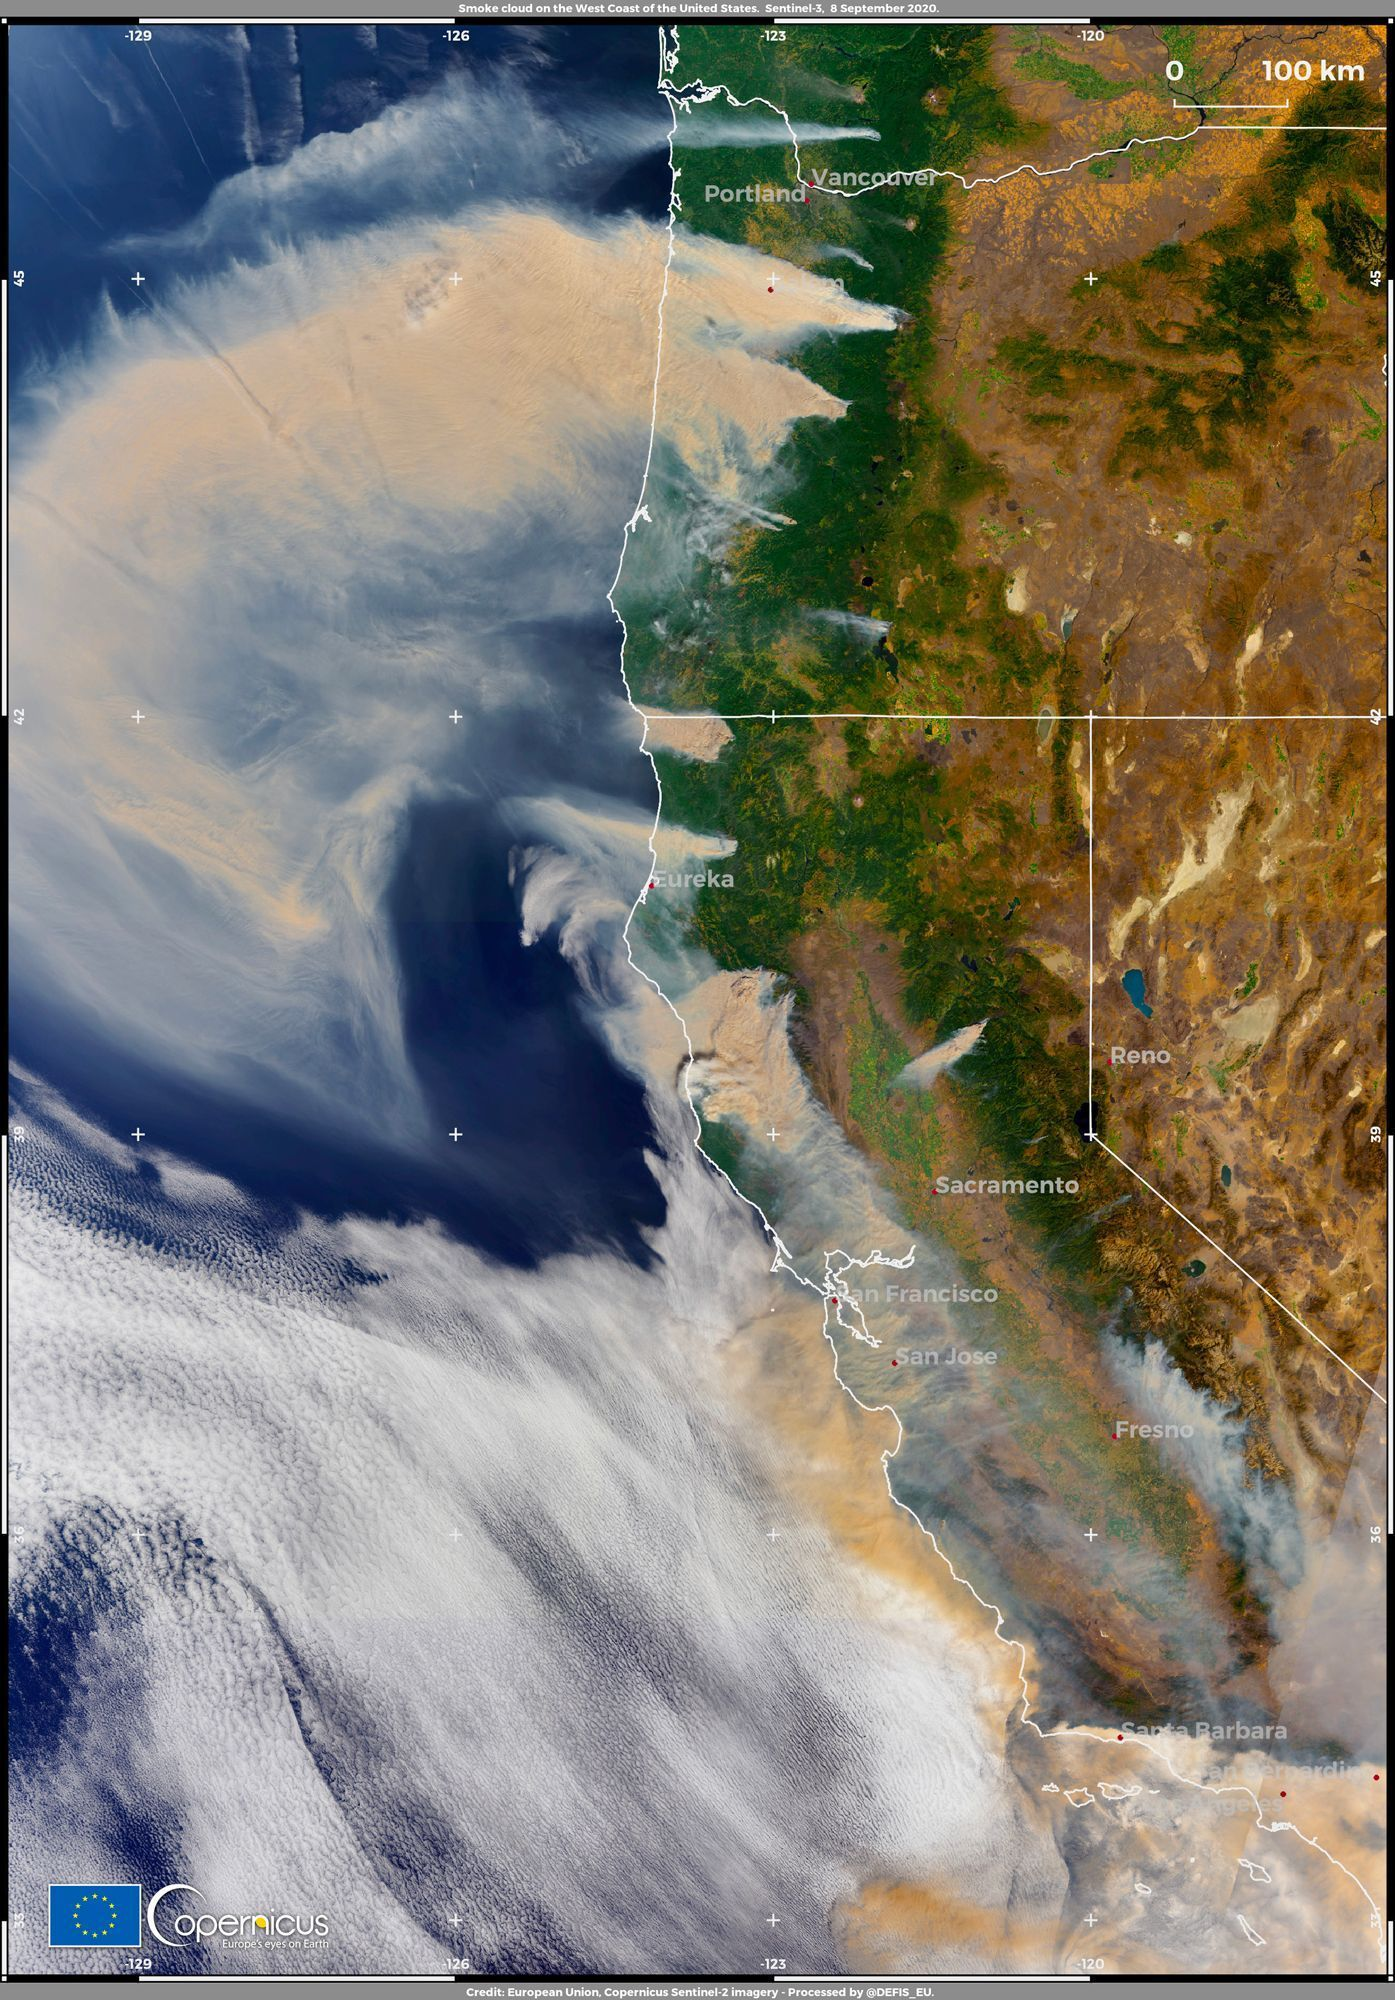 Incendies dans l'Ouest des Etats-Unis - 8 septembre